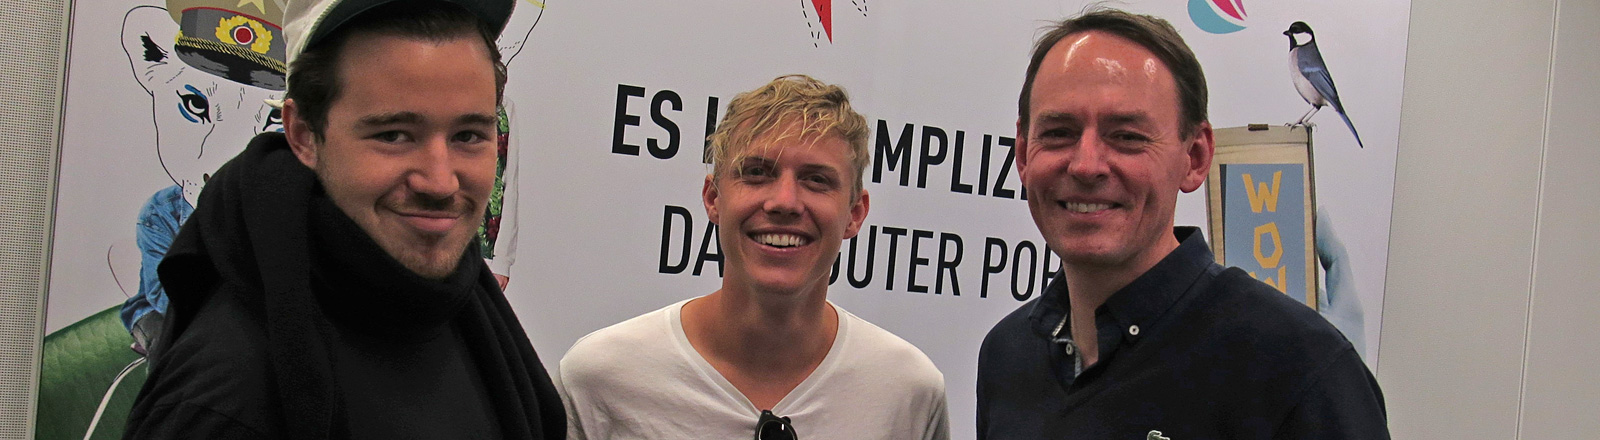 James Hunt, Tyrone Lindqvist von der Band RÜFÜS stehen neben DRadio Wissen-Moderator Manuel Unger.